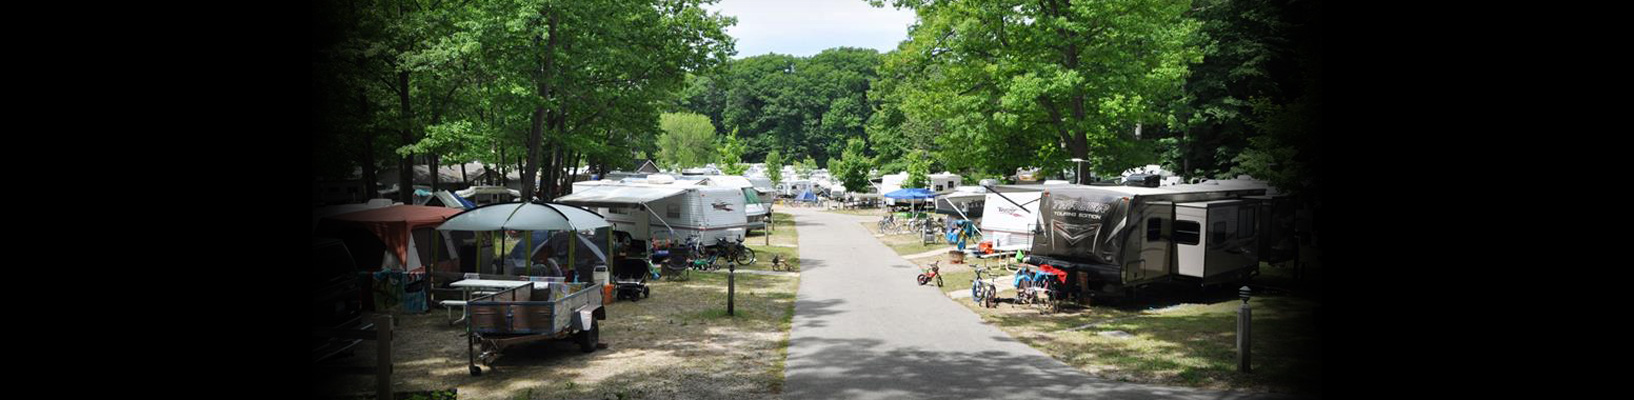 slide-campground